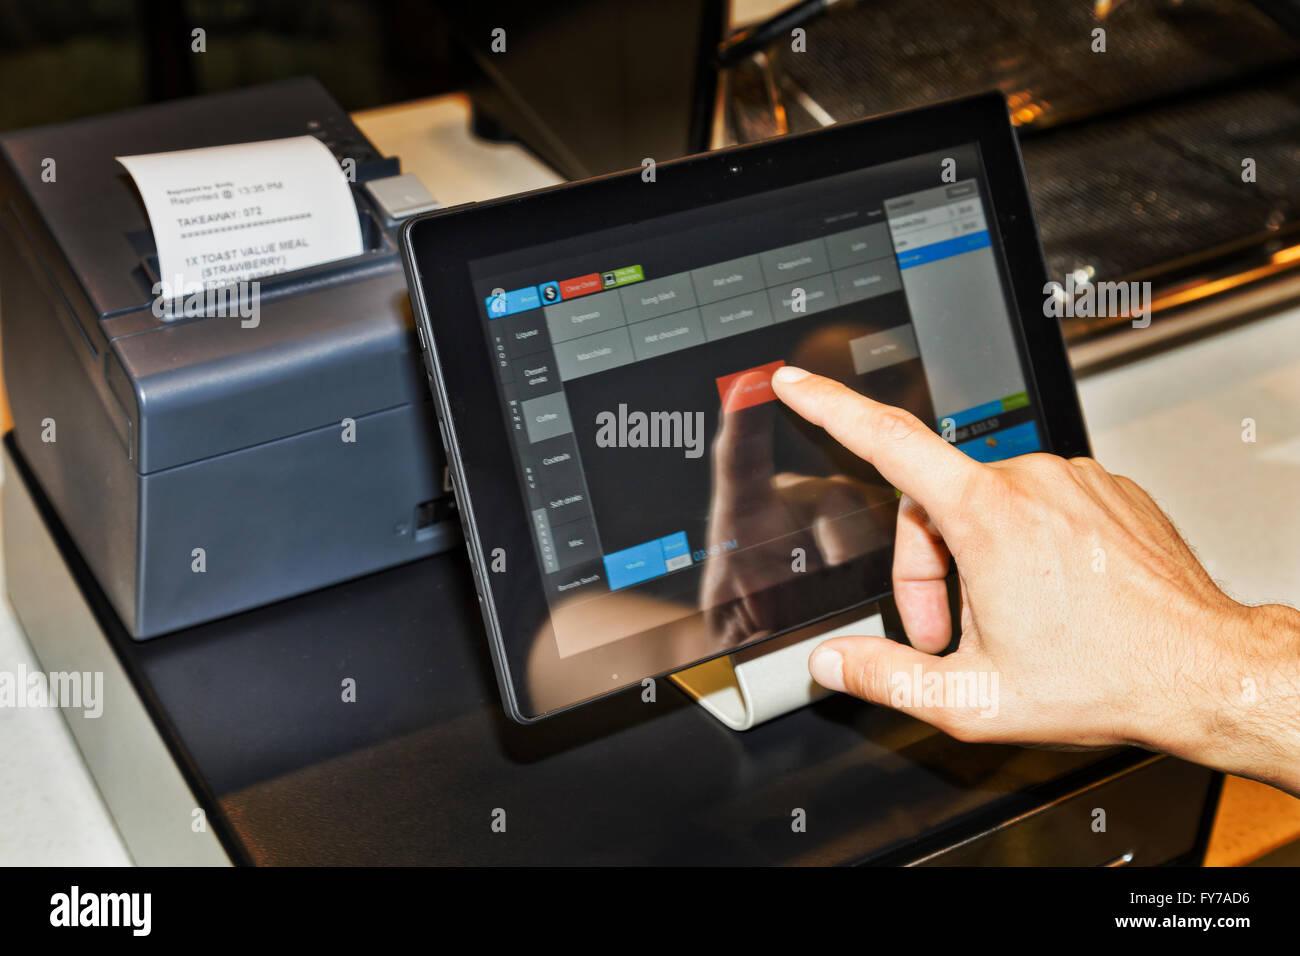 Terminal de punto de venta (POS) en el café cafe camarero sirviendo a clientes cuando la mano y tocar la pantalla Imagen De Stock